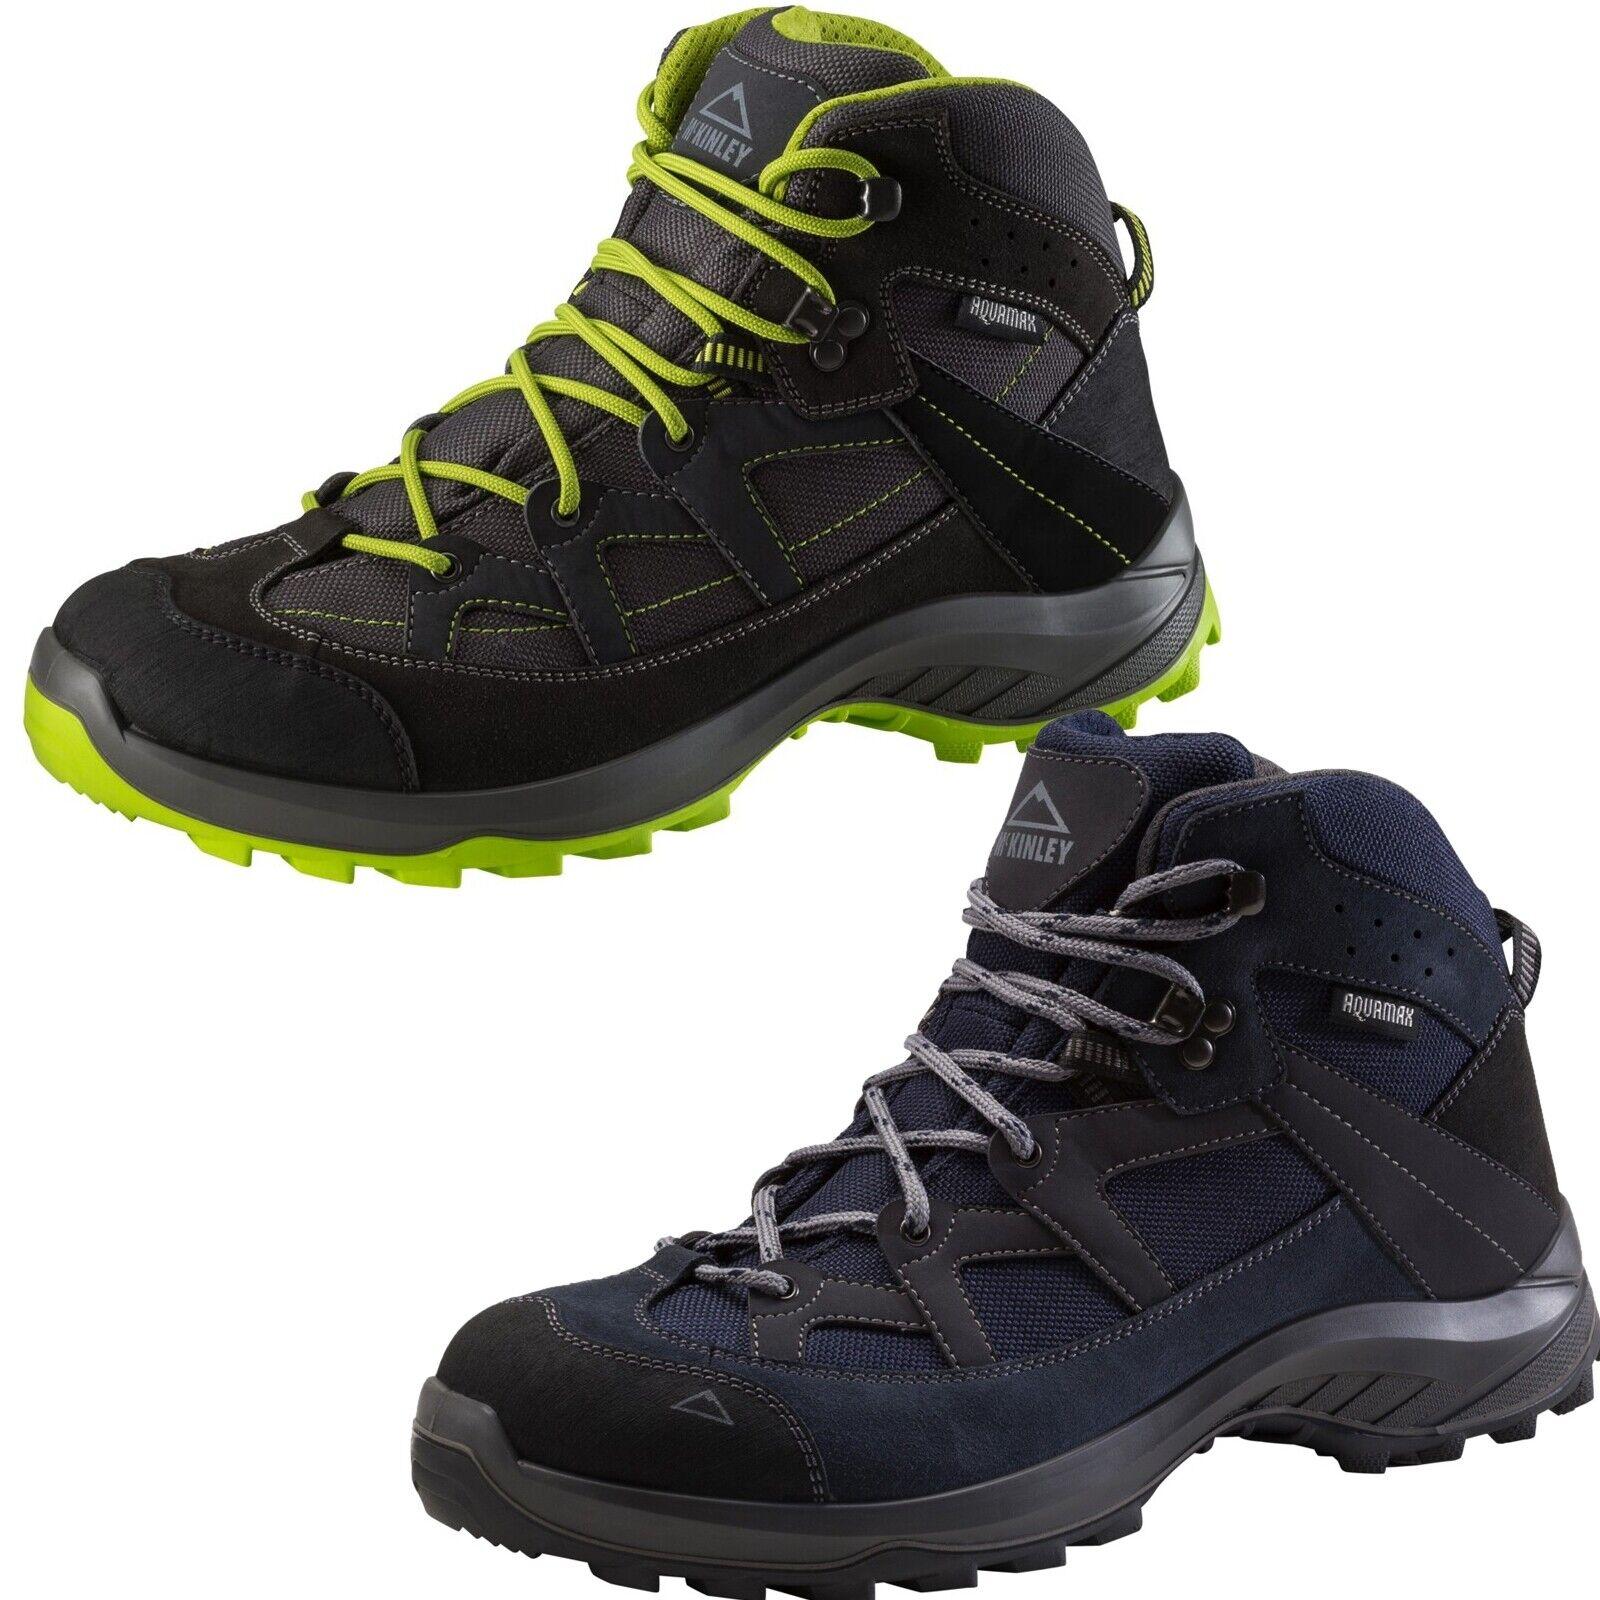 McKinly Herren Outdoor Wander Trekking Schuhe Discover AQUAMAX AQX Stiefel 245936